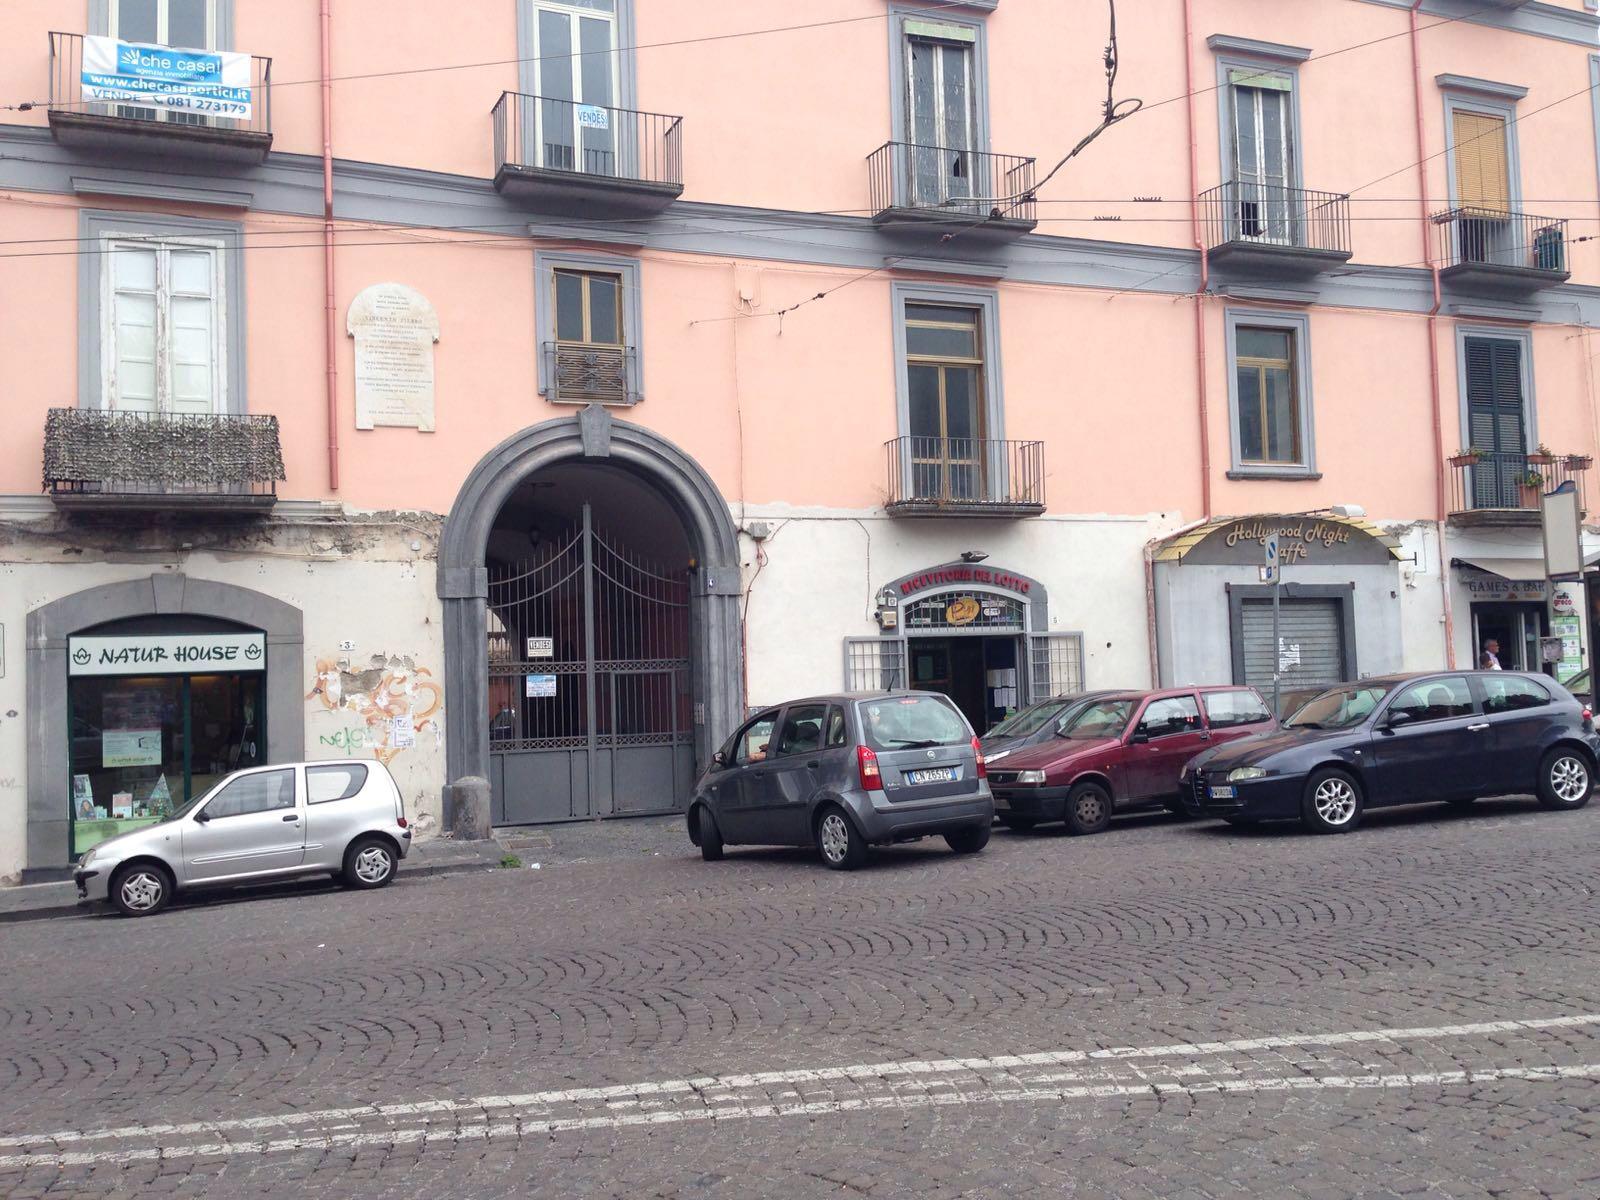 Vendesi appartamento piazza san ciro portici natempo di for Piani di casa con portici schermati e sunrooms